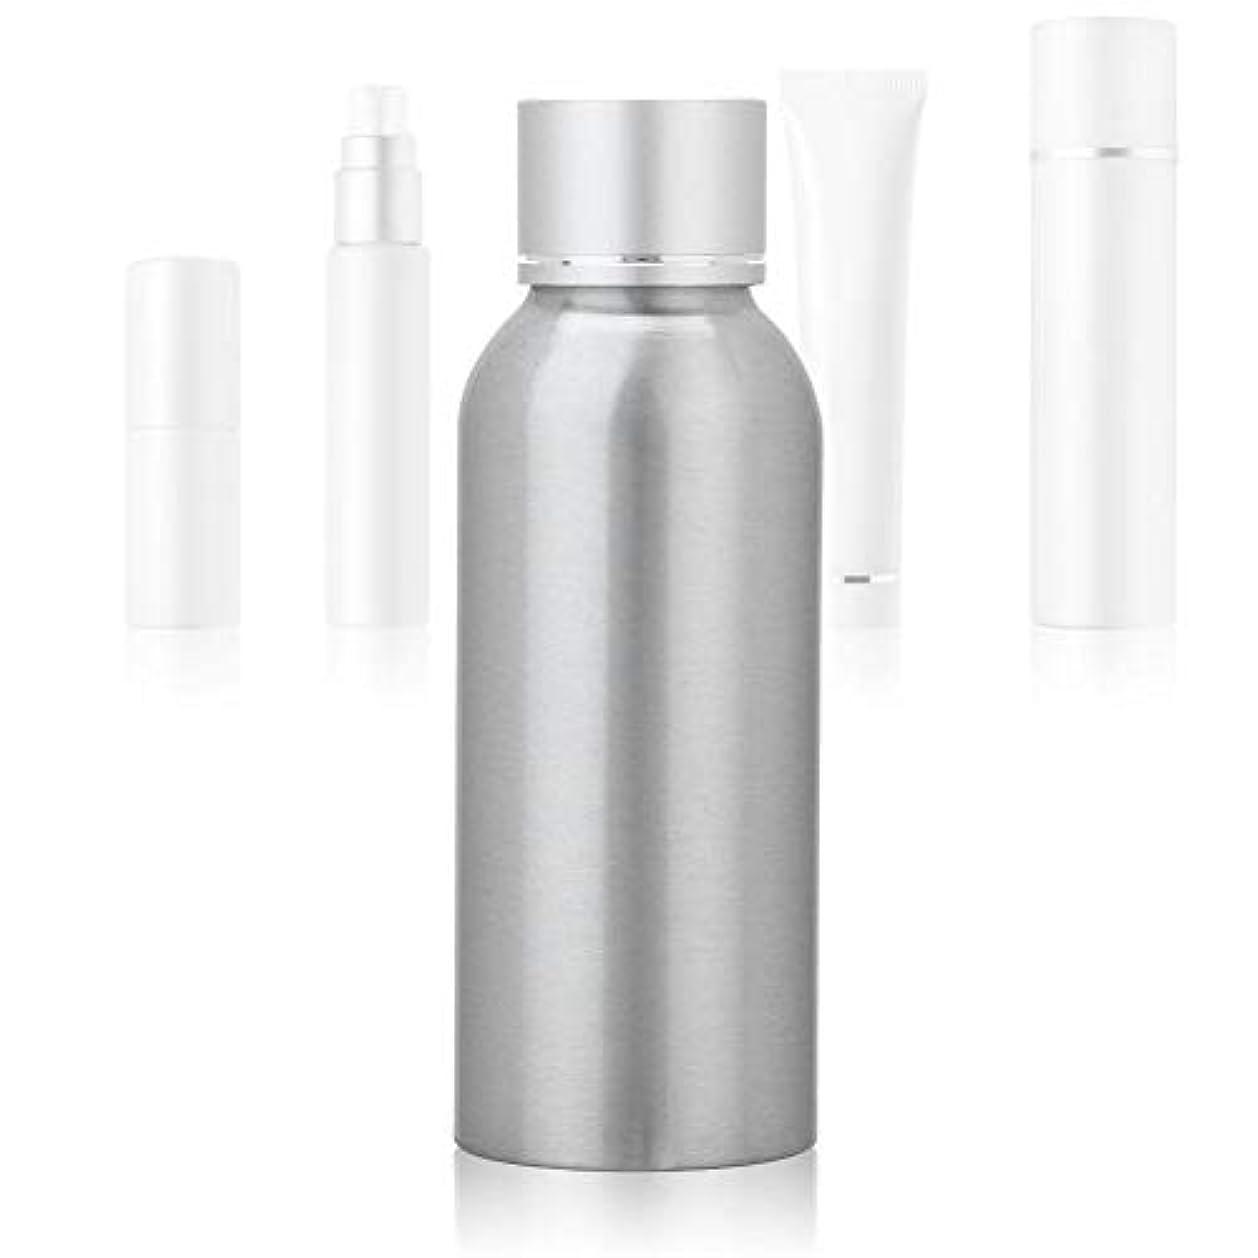 ファウル大邸宅長いです100 MLアジア銀陽極酸化アルミニウム 空の化粧品ボトル ポータブルDIY スキンケア 製品トナーコンテナーボトル